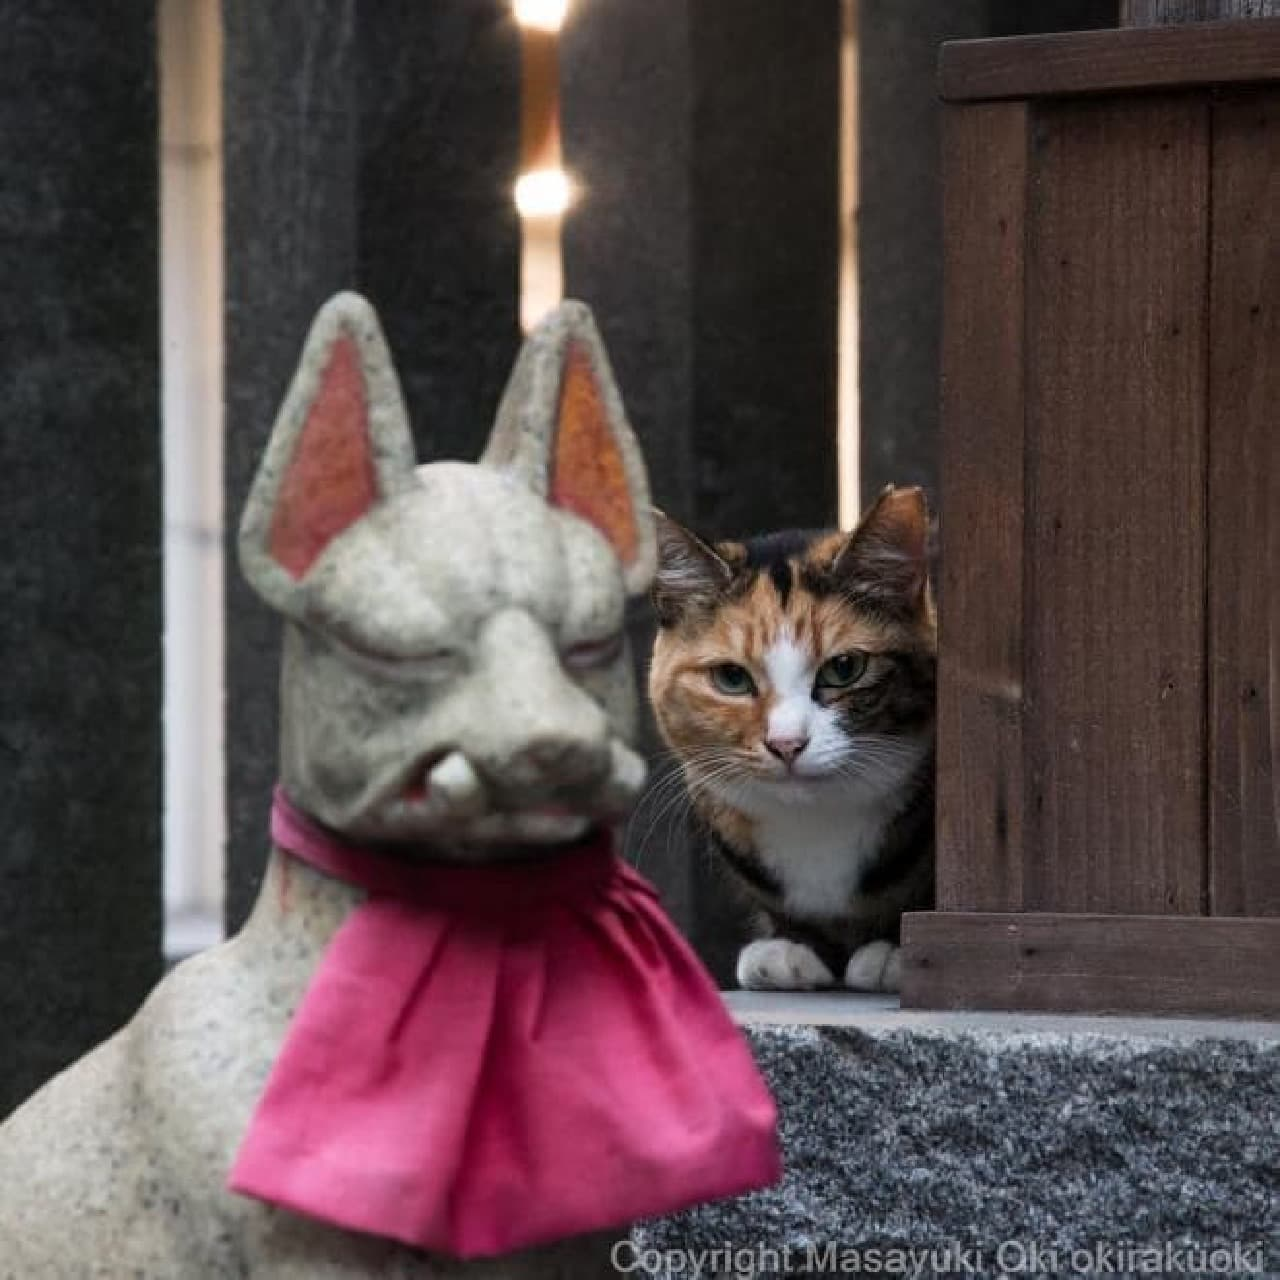 沖昌之「残念すぎるネコ」写真展